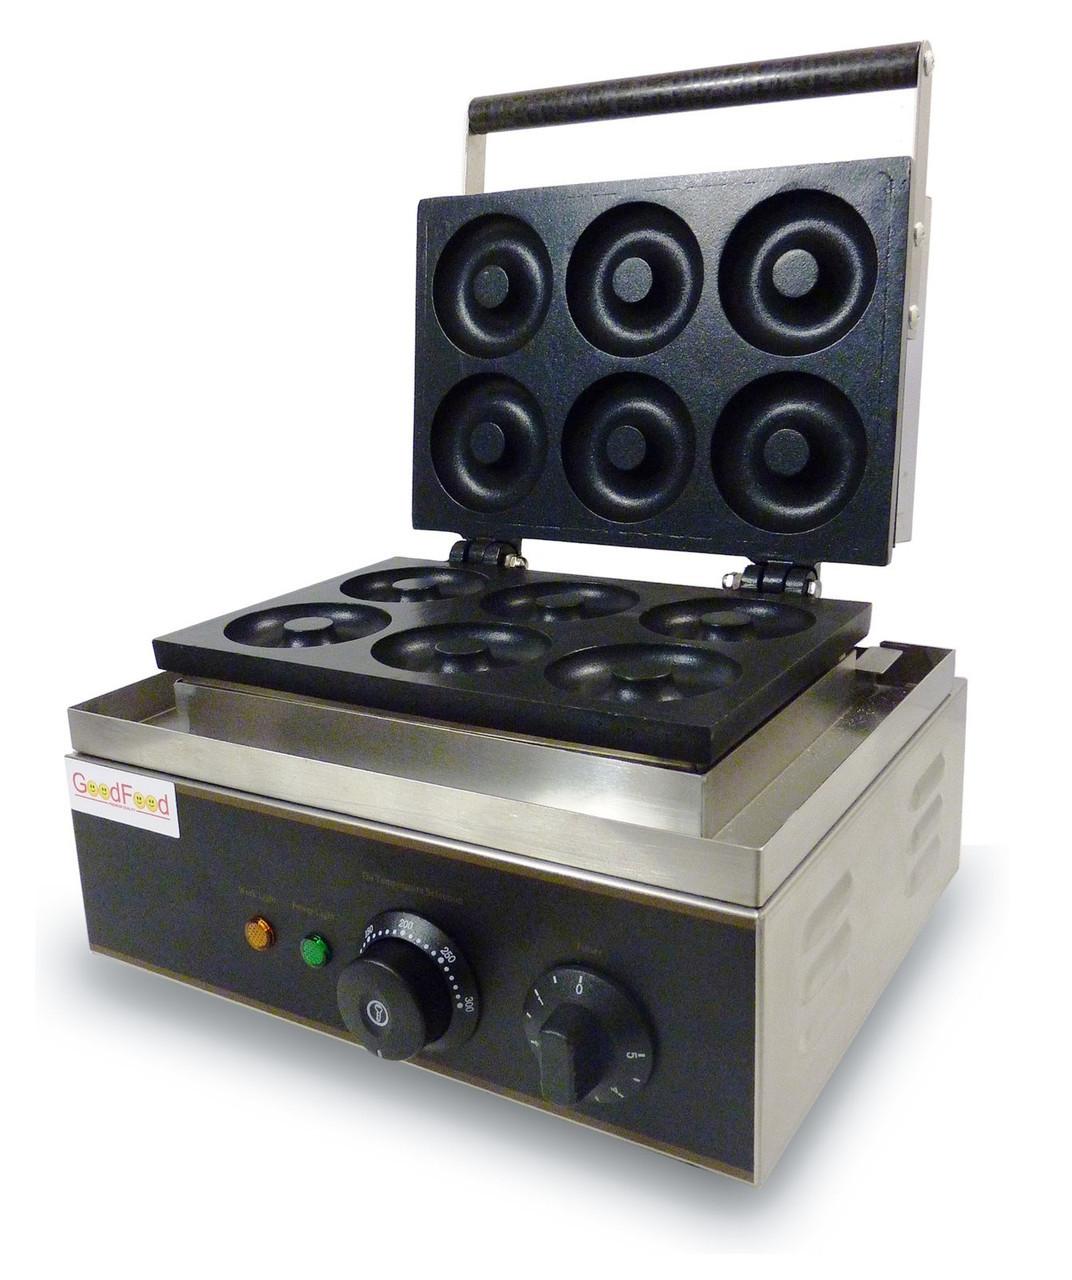 Аппарат для донатсов (американских пончиков) DM 6